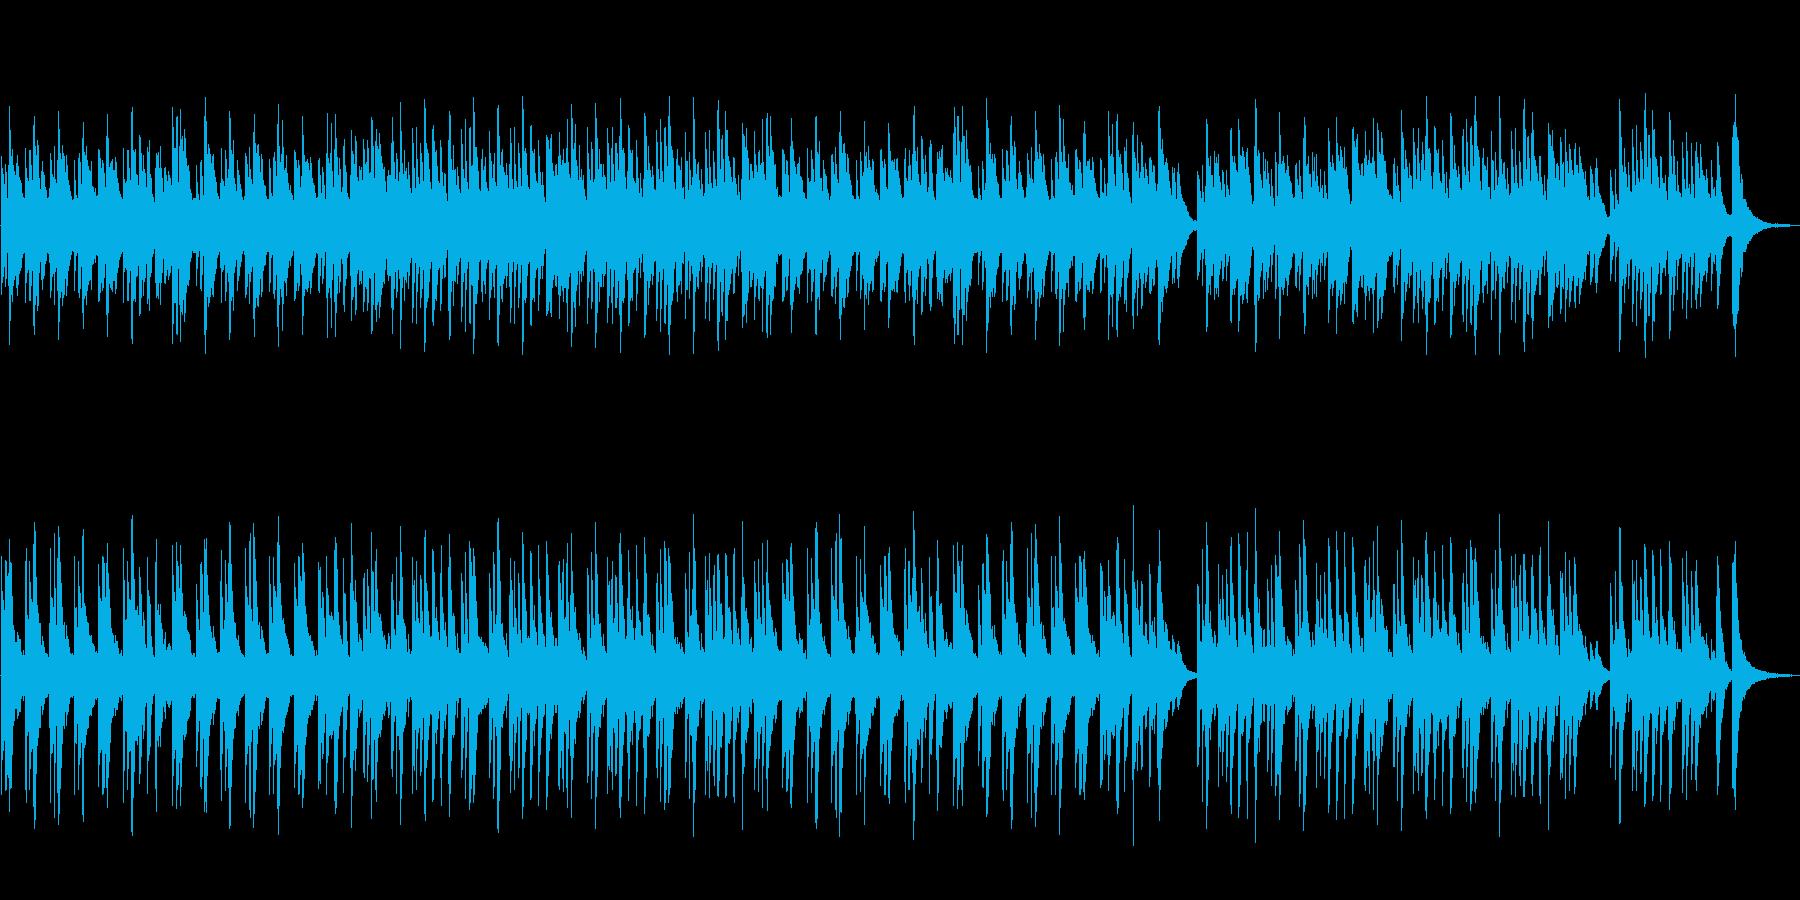 南欧の海辺をイメージしたお洒落で静かな曲の再生済みの波形